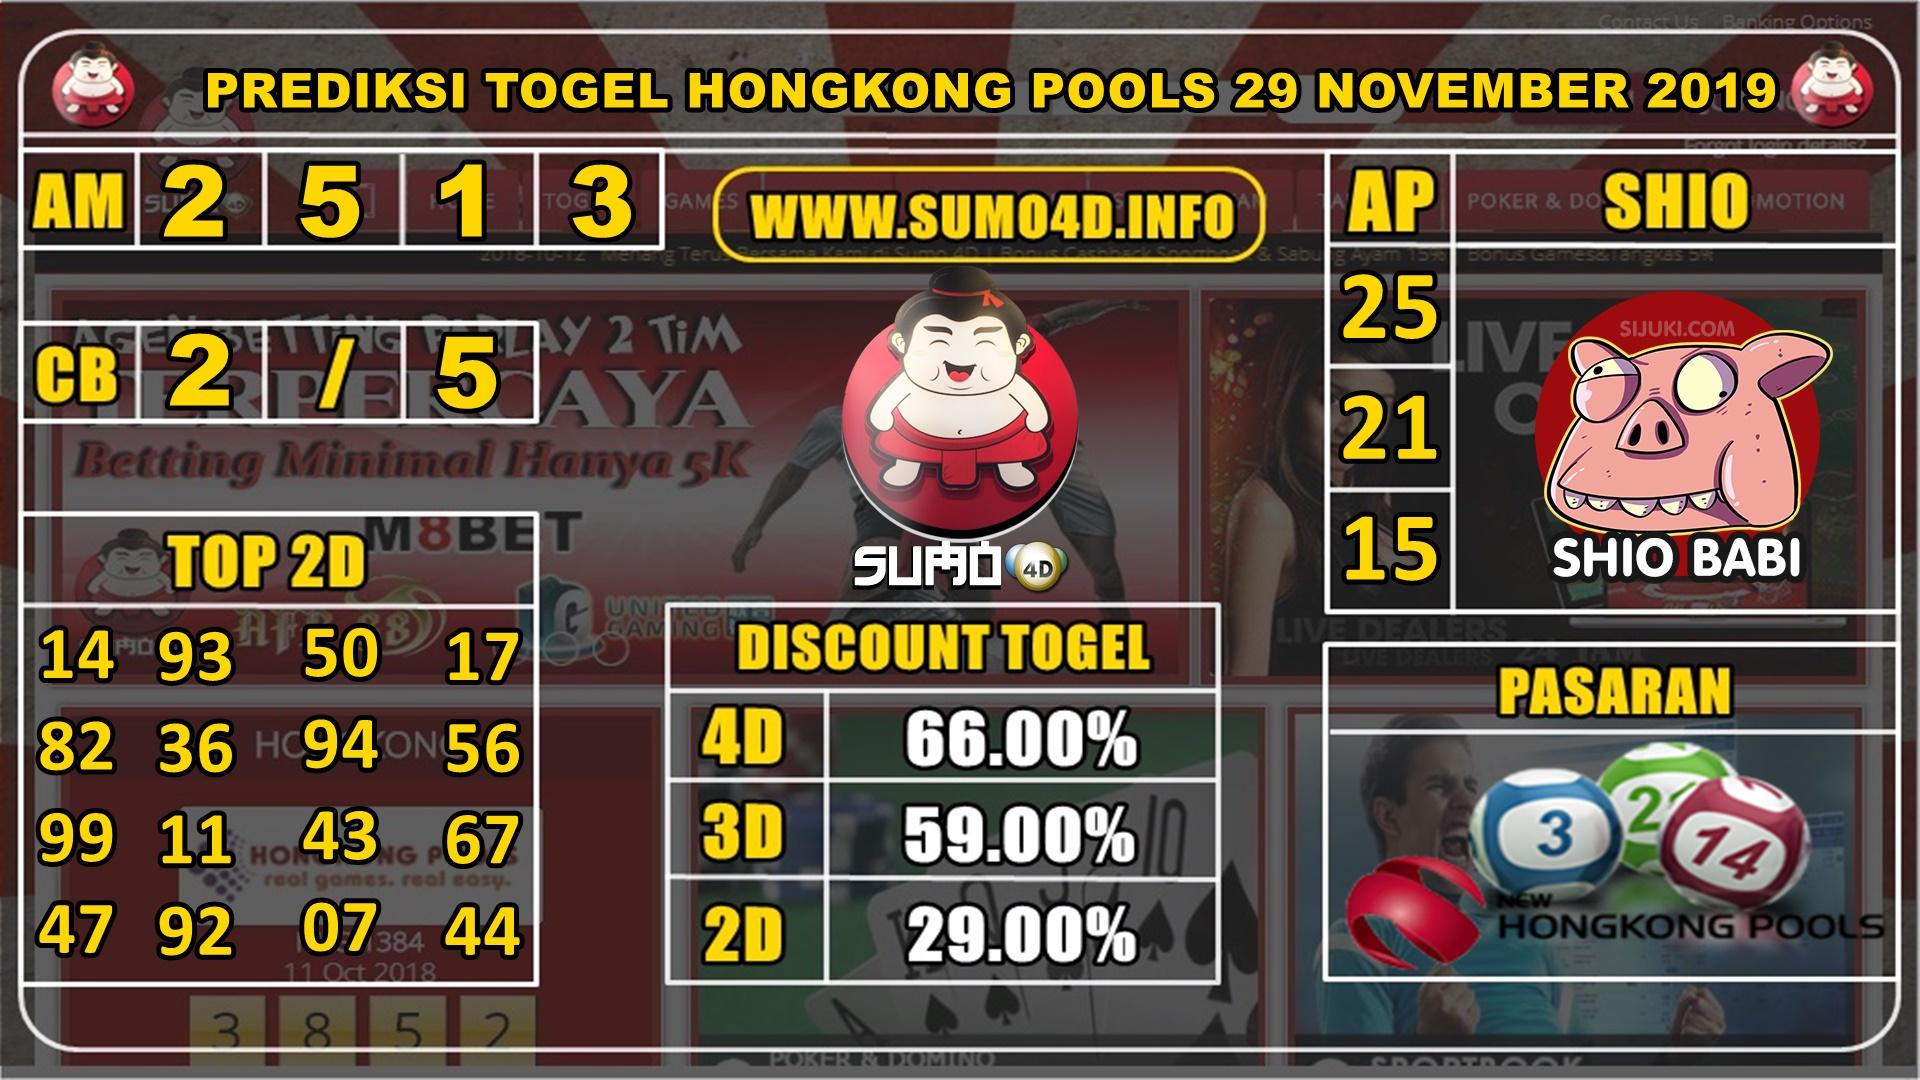 PREDIKSI TOGEL HONGKONG POOLS 29 NOVEMBER 2019